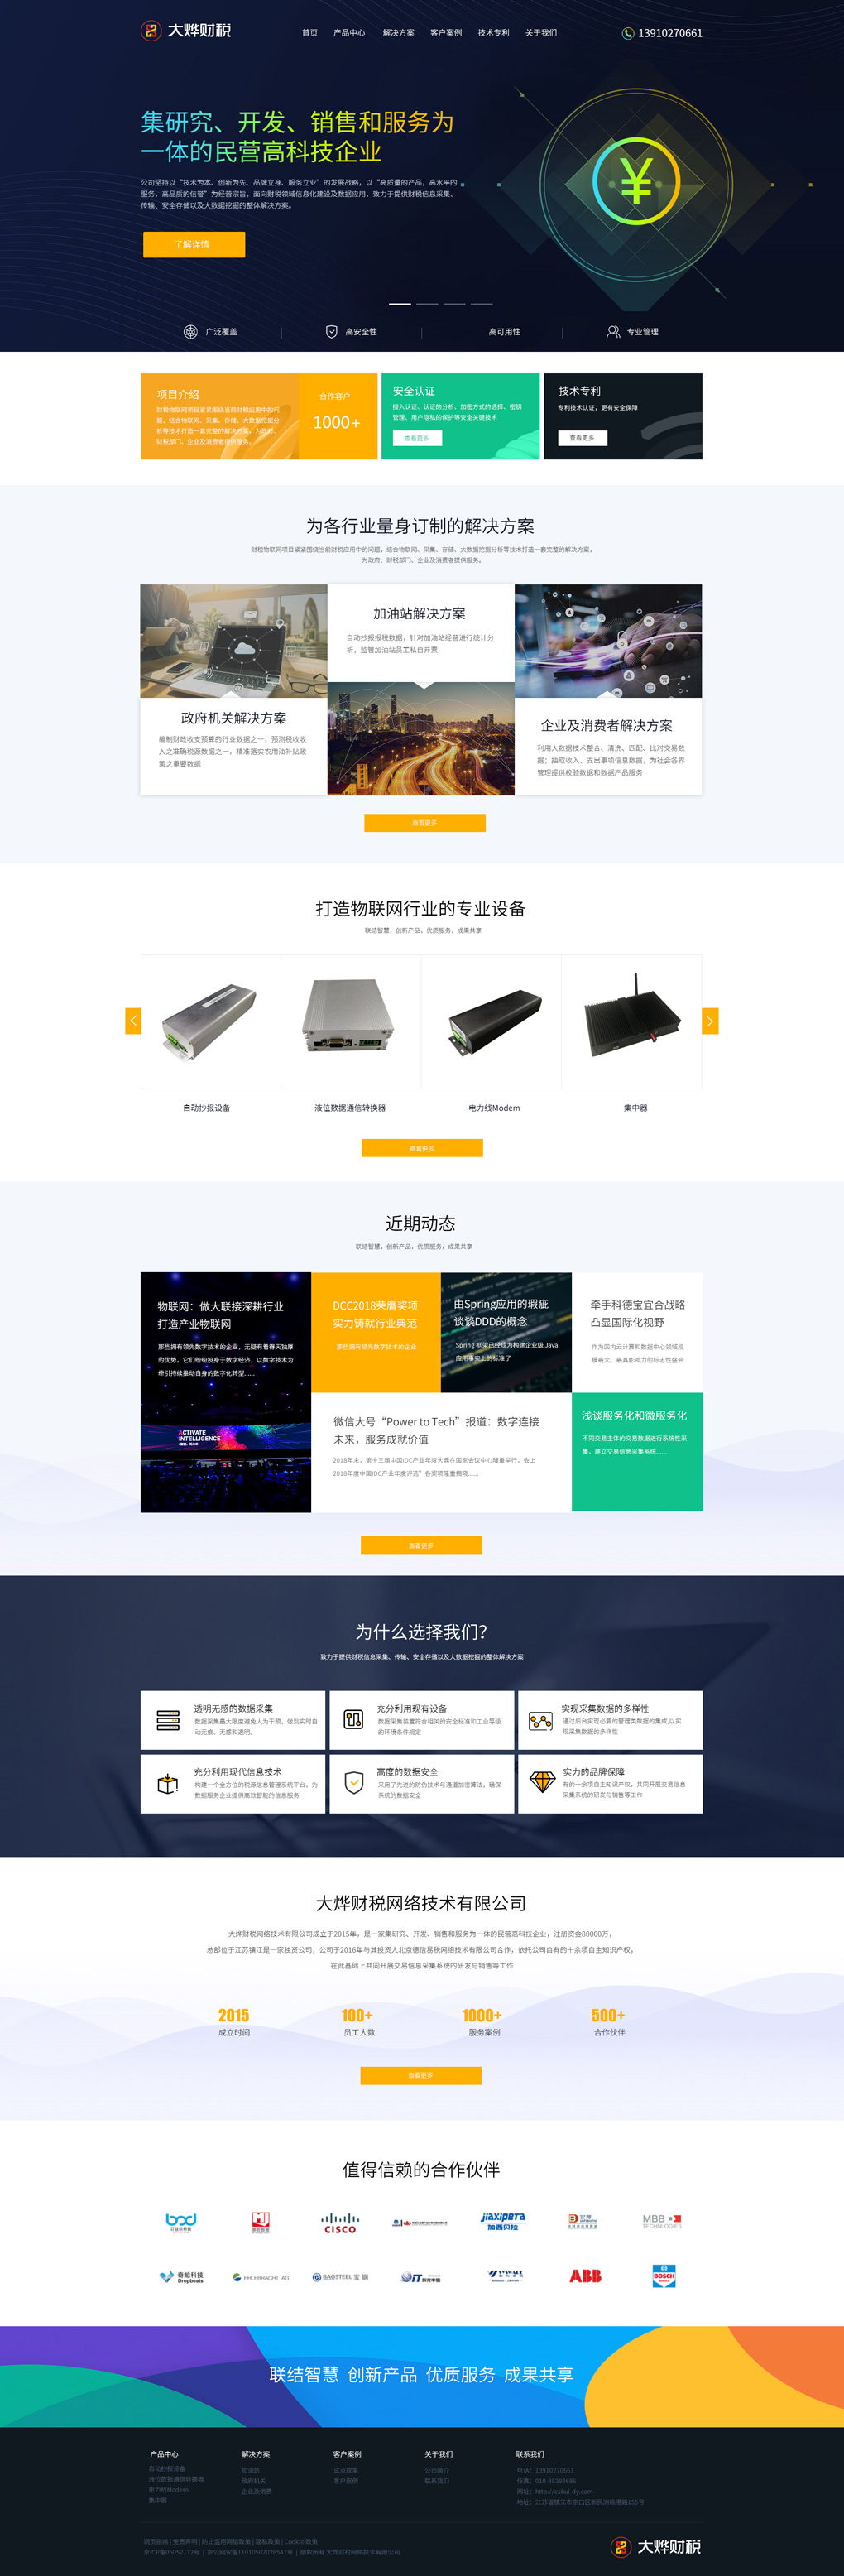 网站建设公司,seo优化公司,网站优化